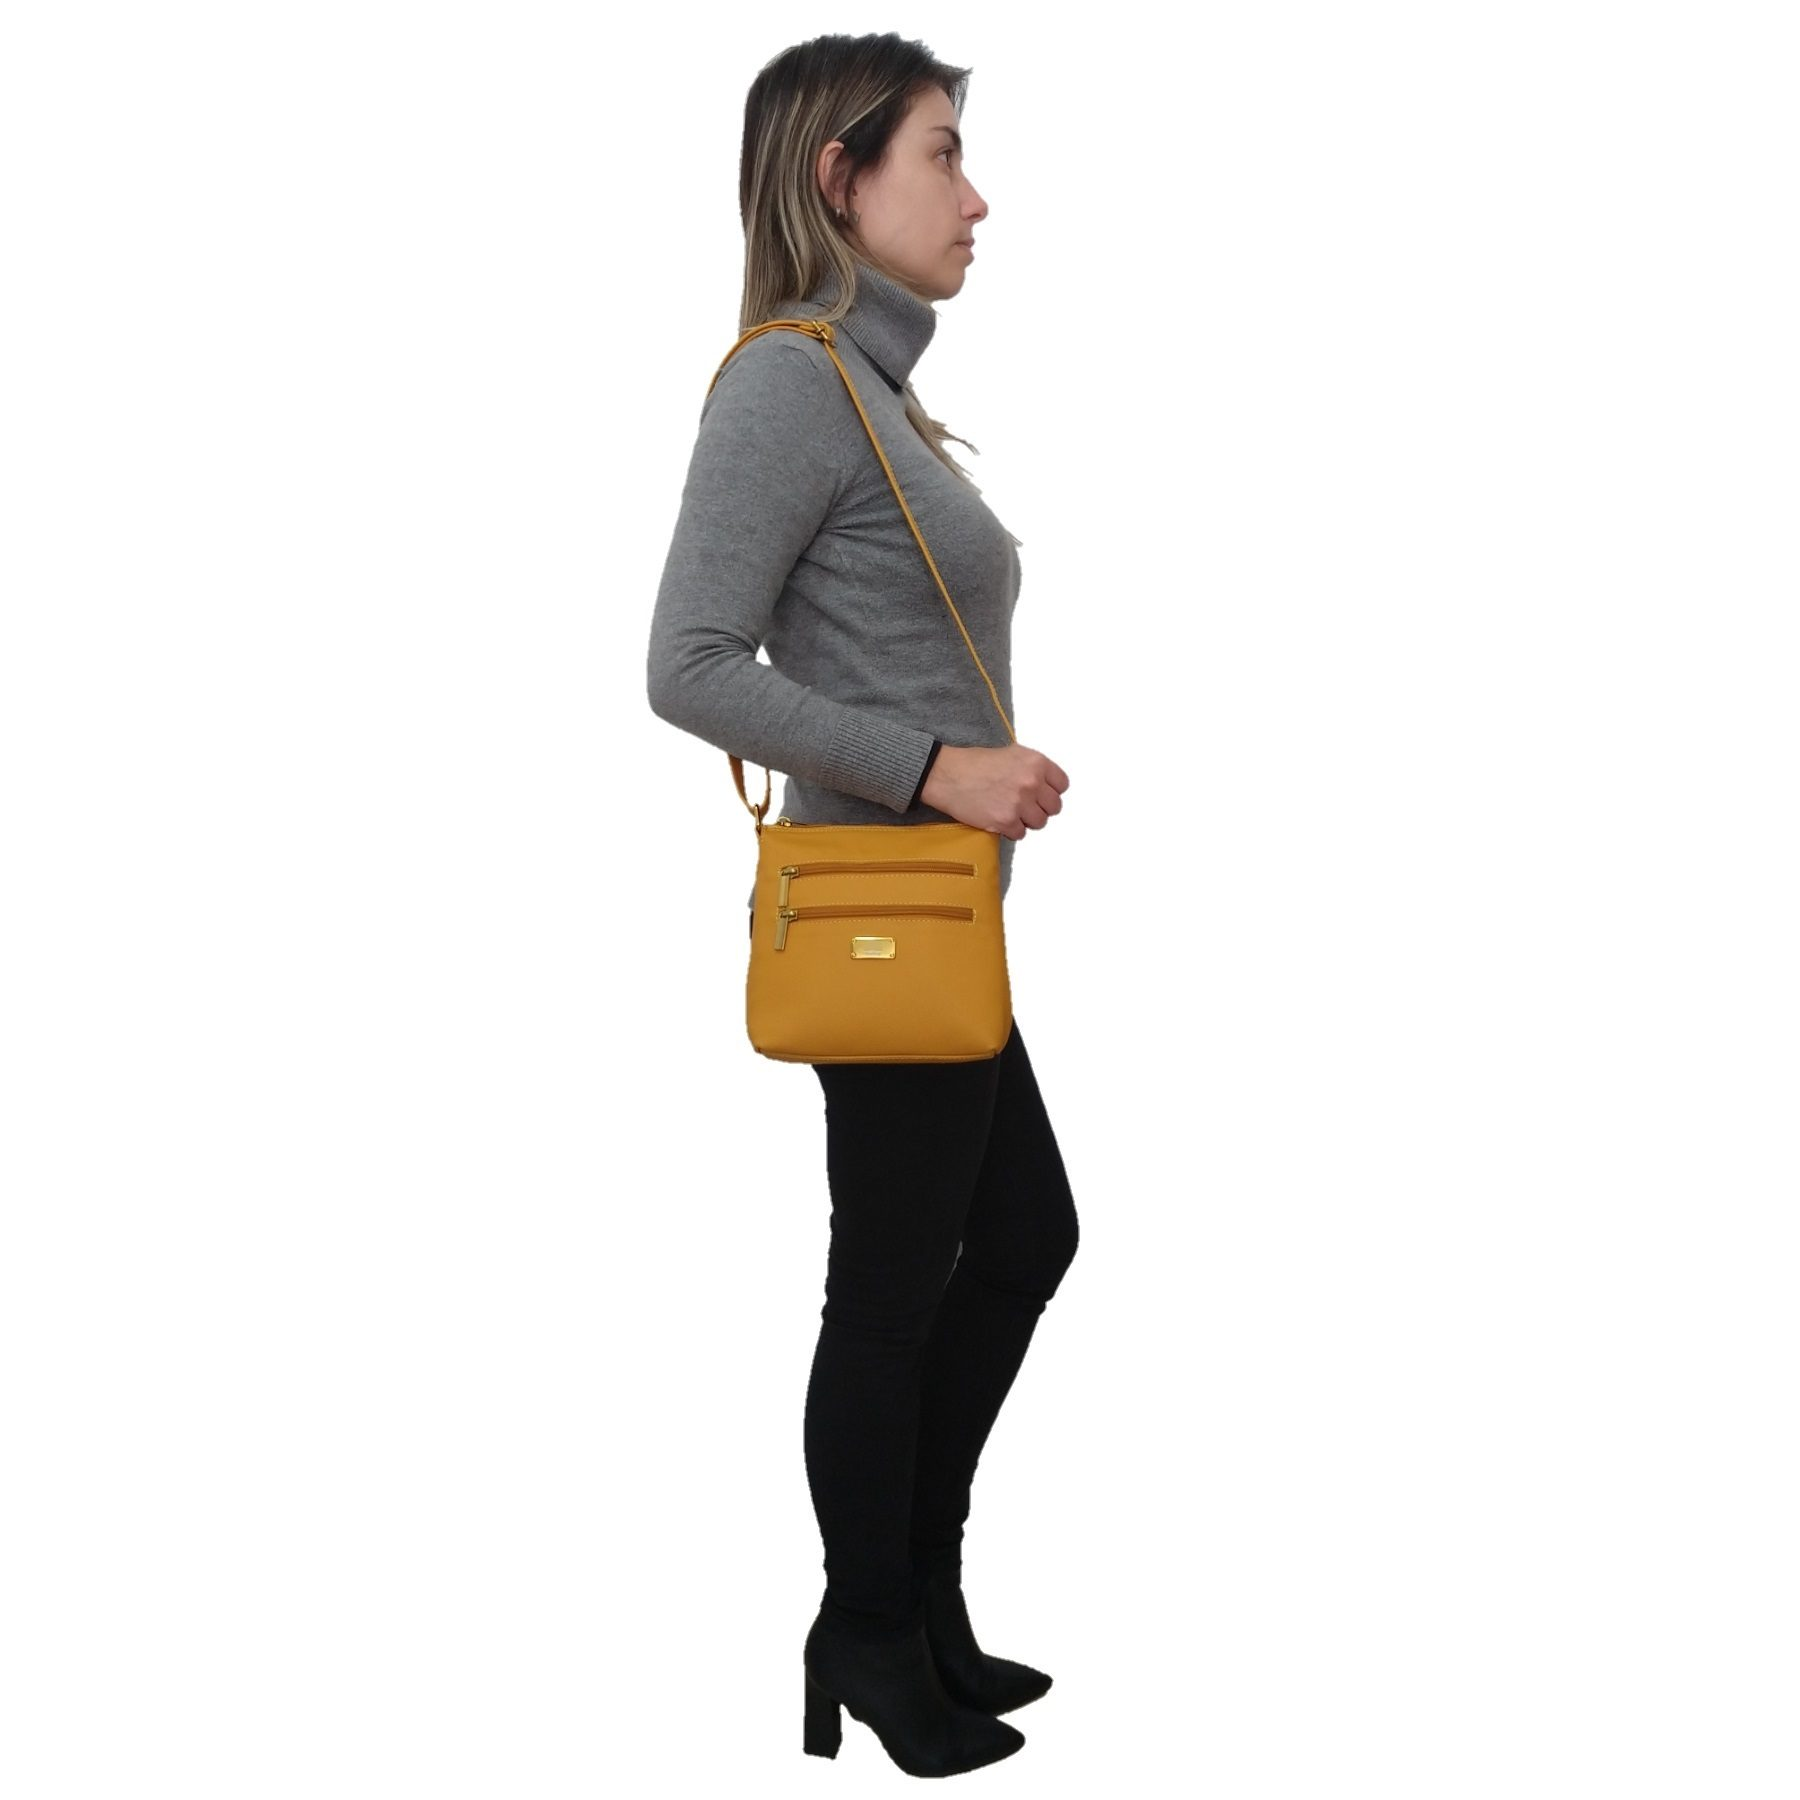 Bolsa Transversal TopGrife Couro Amarelo - Promoção  - SAPATOWEB.COM